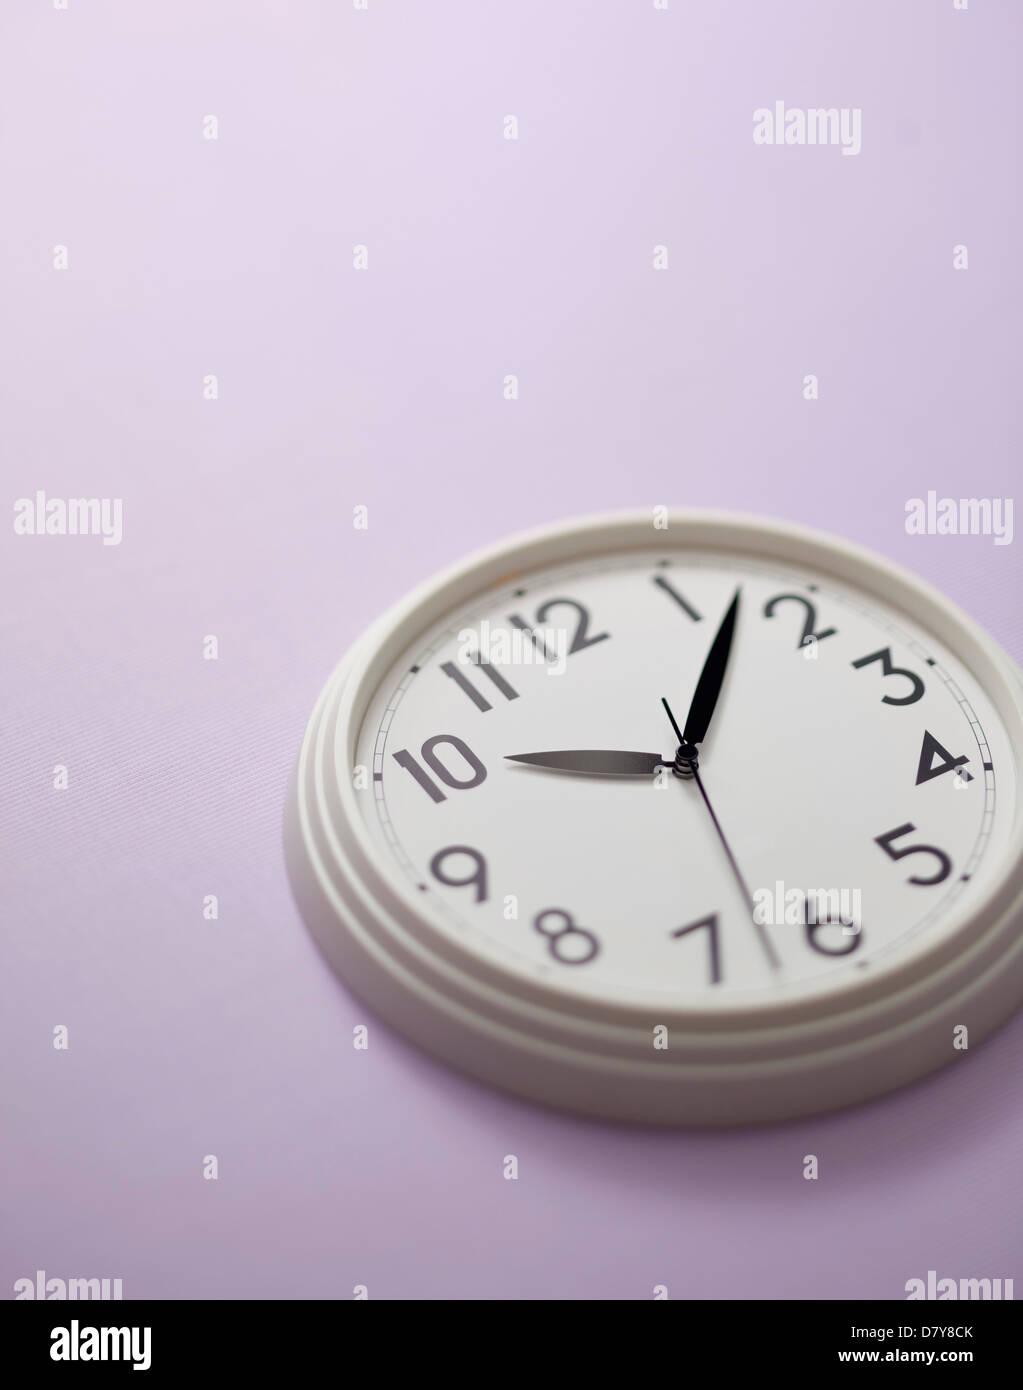 Un pequeño reloj de pared en una pared violeta. Imagen De Stock